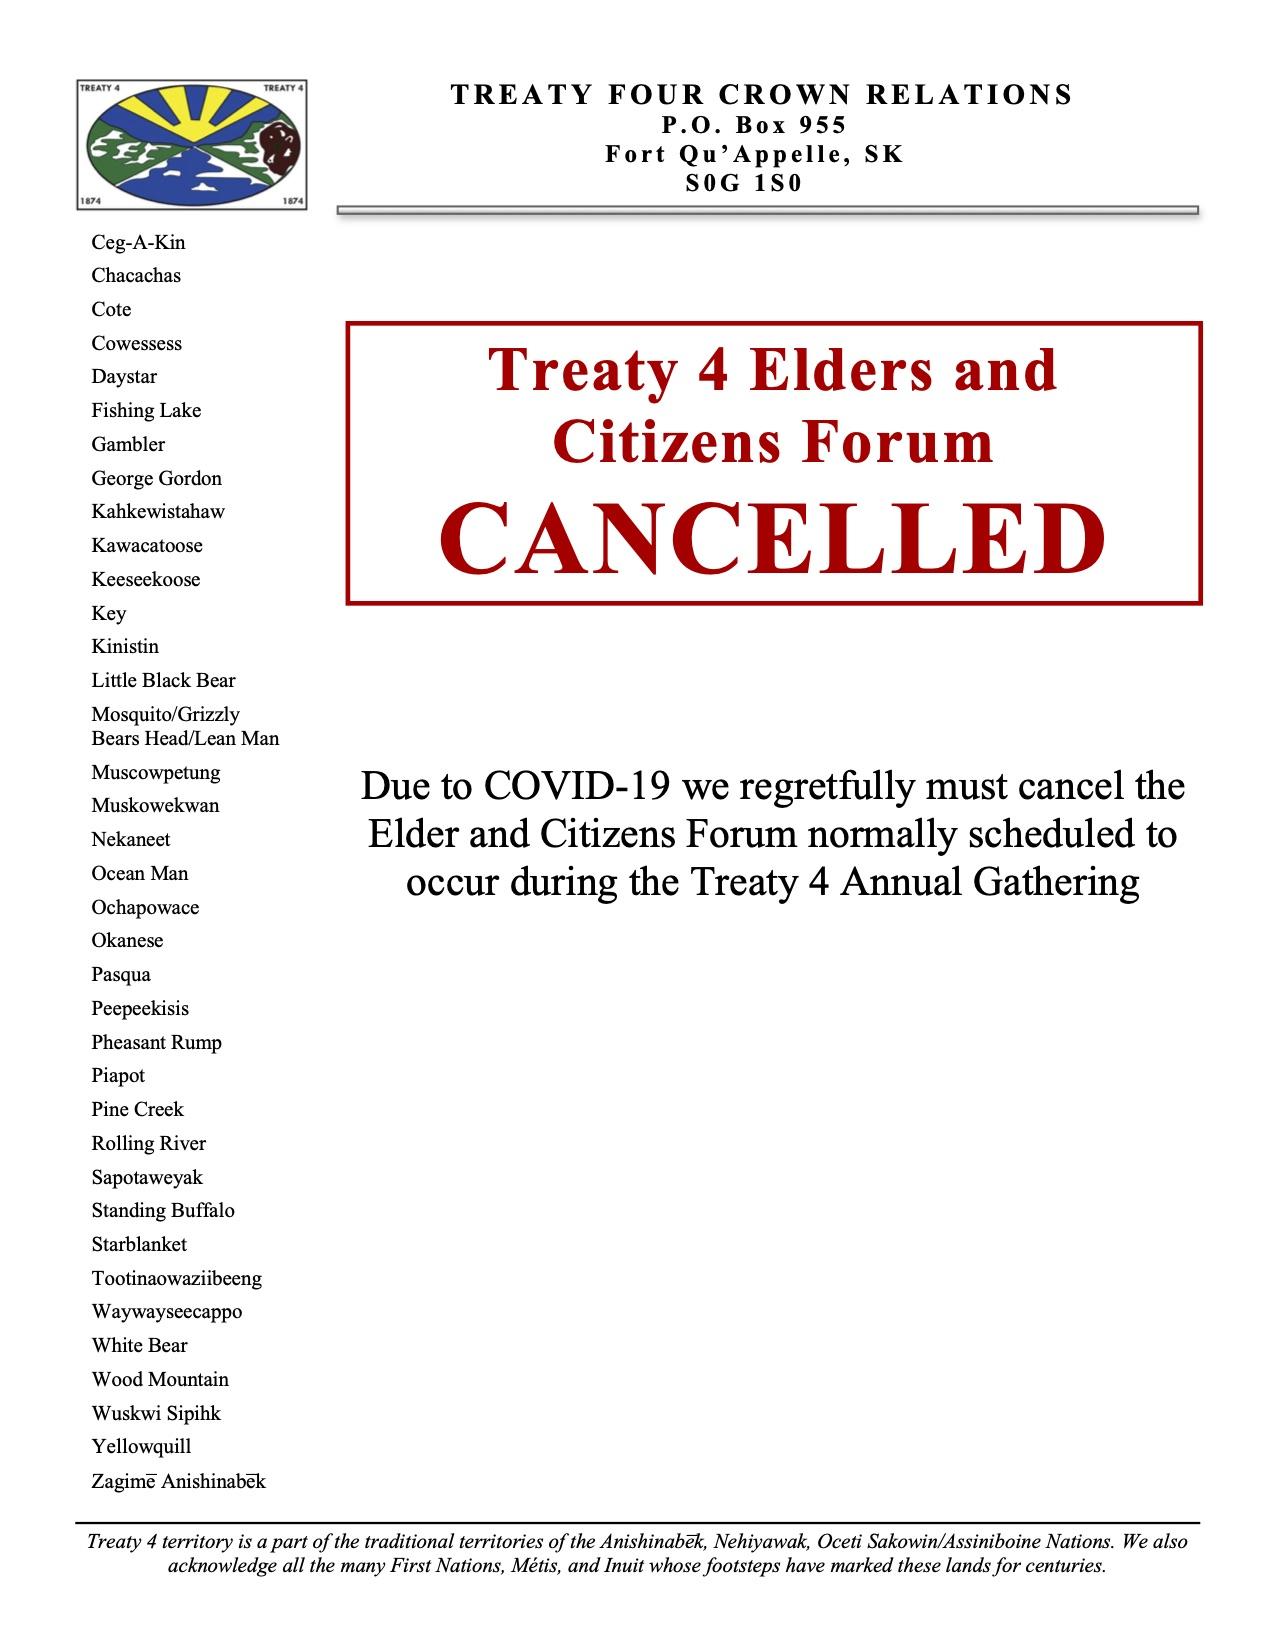 Cancellation Notice T4 Elder and Citizen Forum